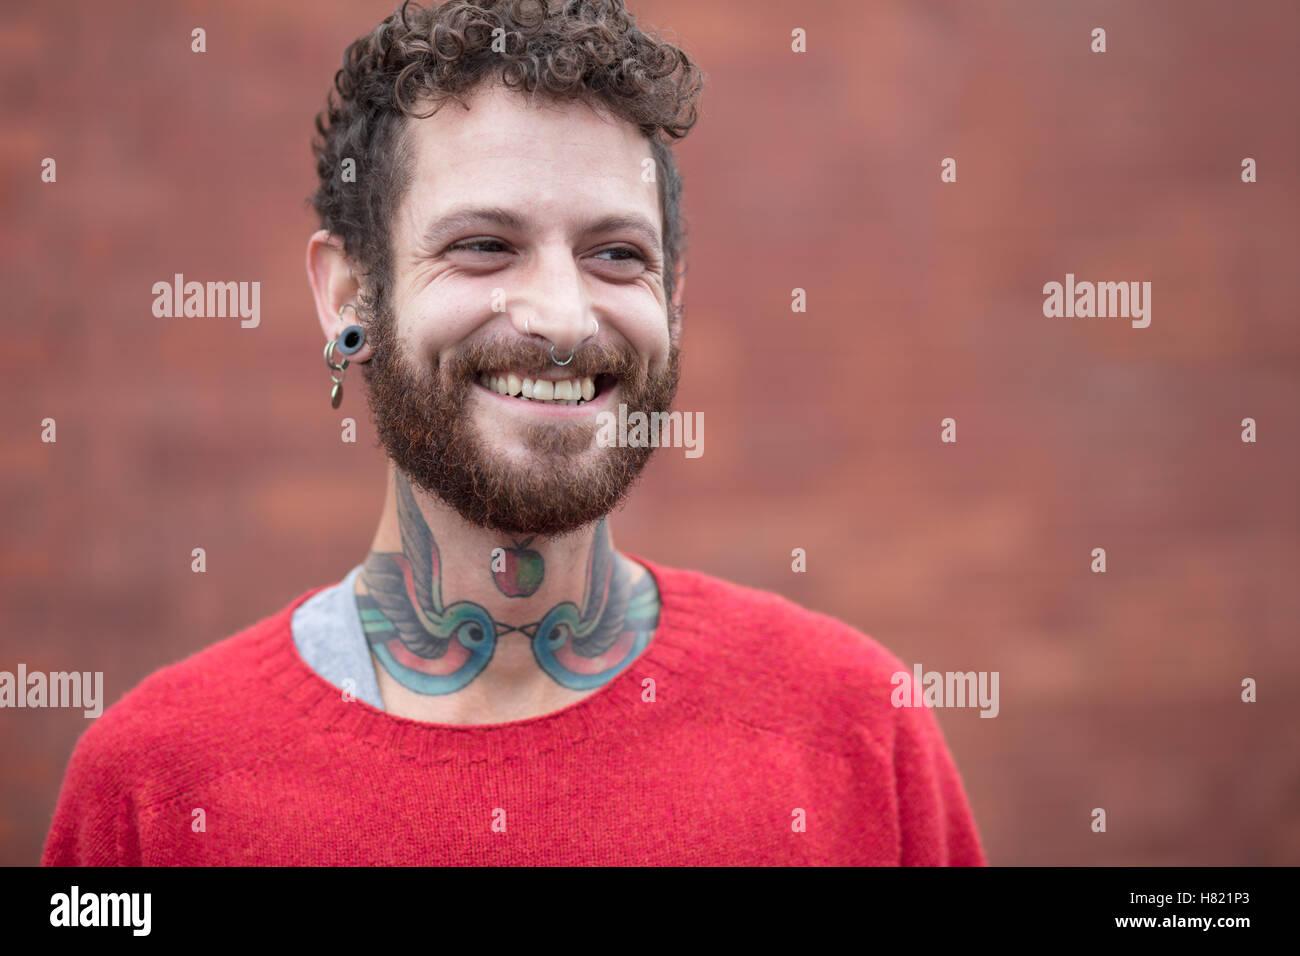 Porträt von einem freundlichen tätowierte Mann in seinen 30ern Stockbild